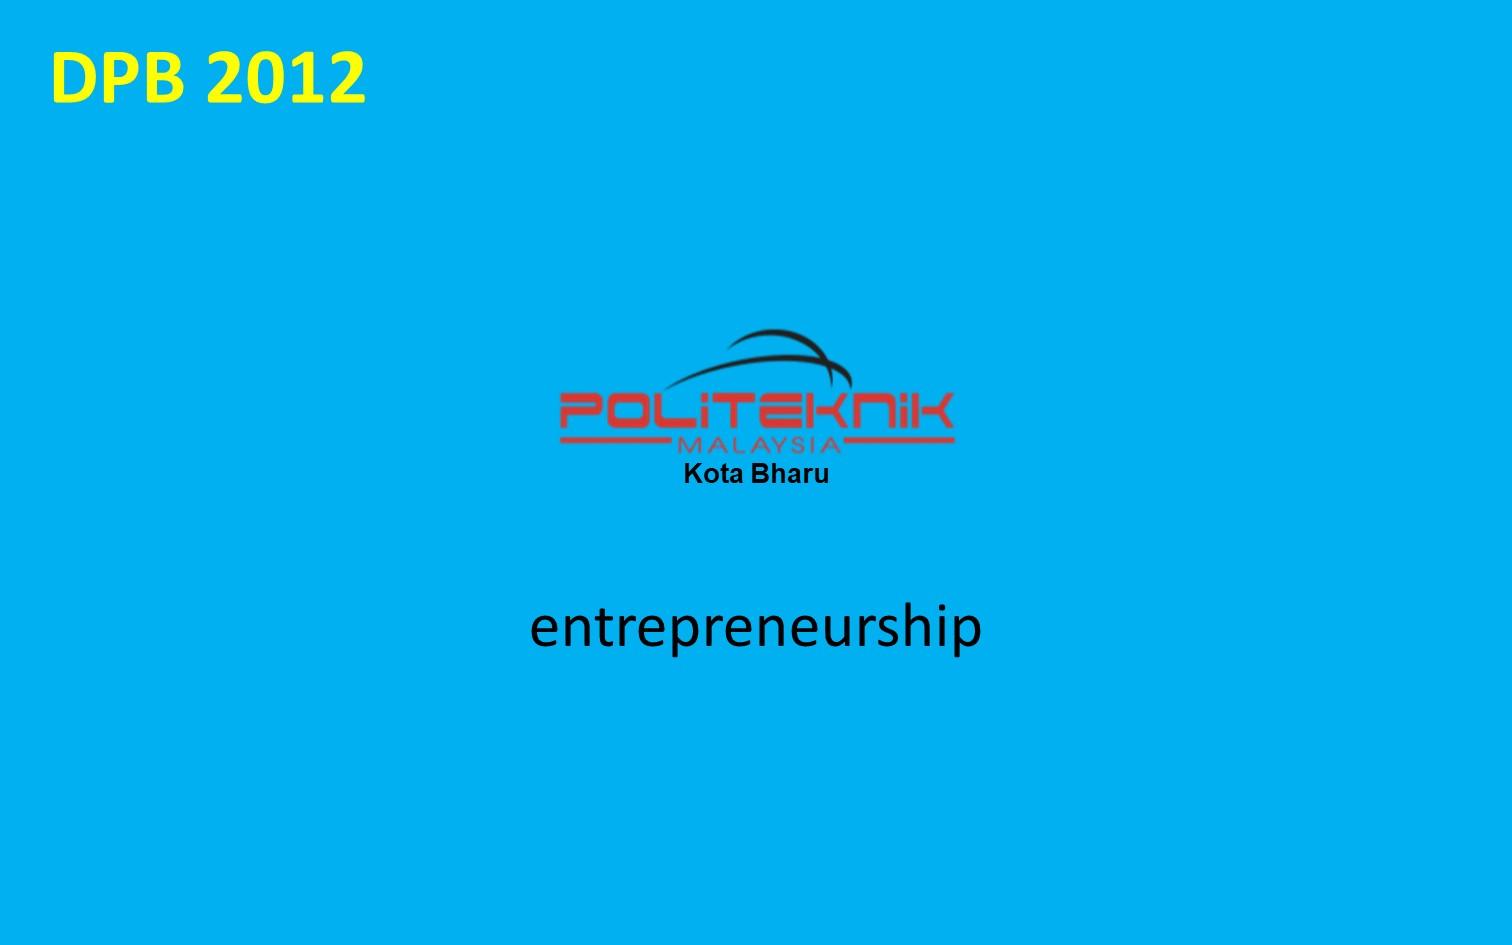 DPB2012 ENTEPRENEURSHIP